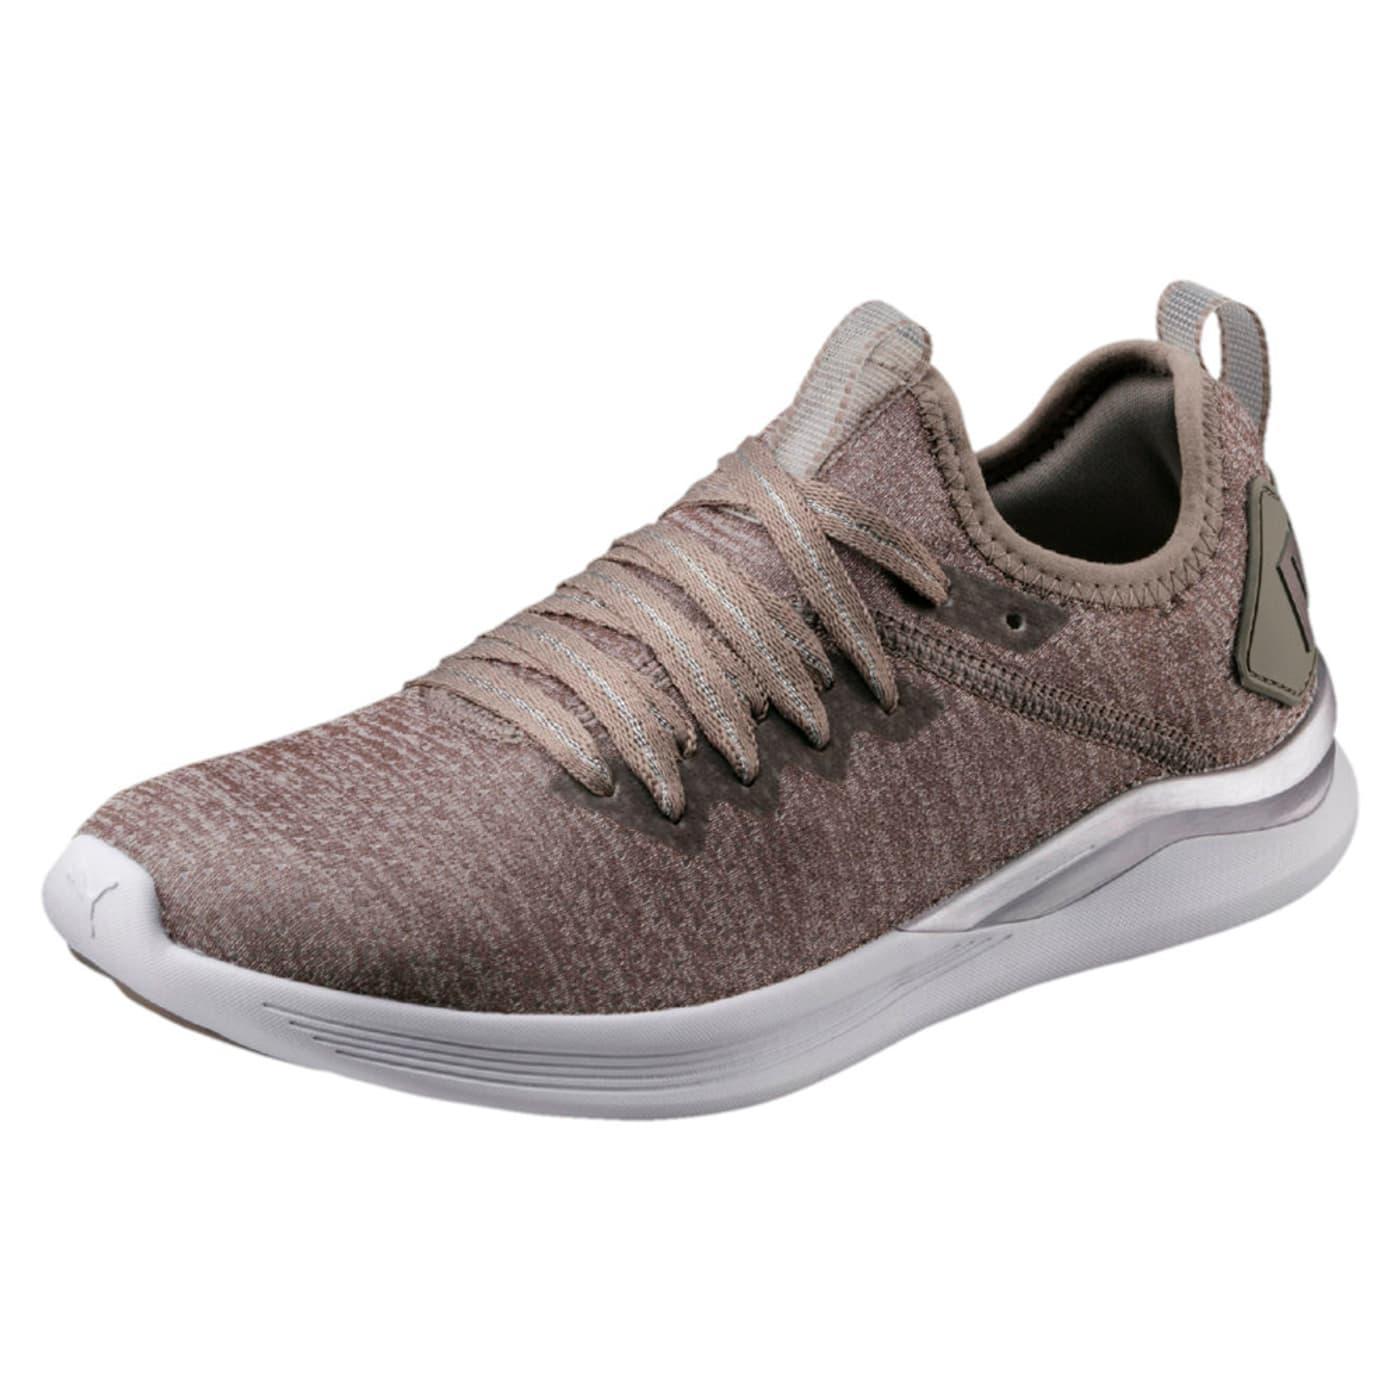 Ignite Loisirs Puma De Flash Chaussures Pour Femme 35AjLqRSc4